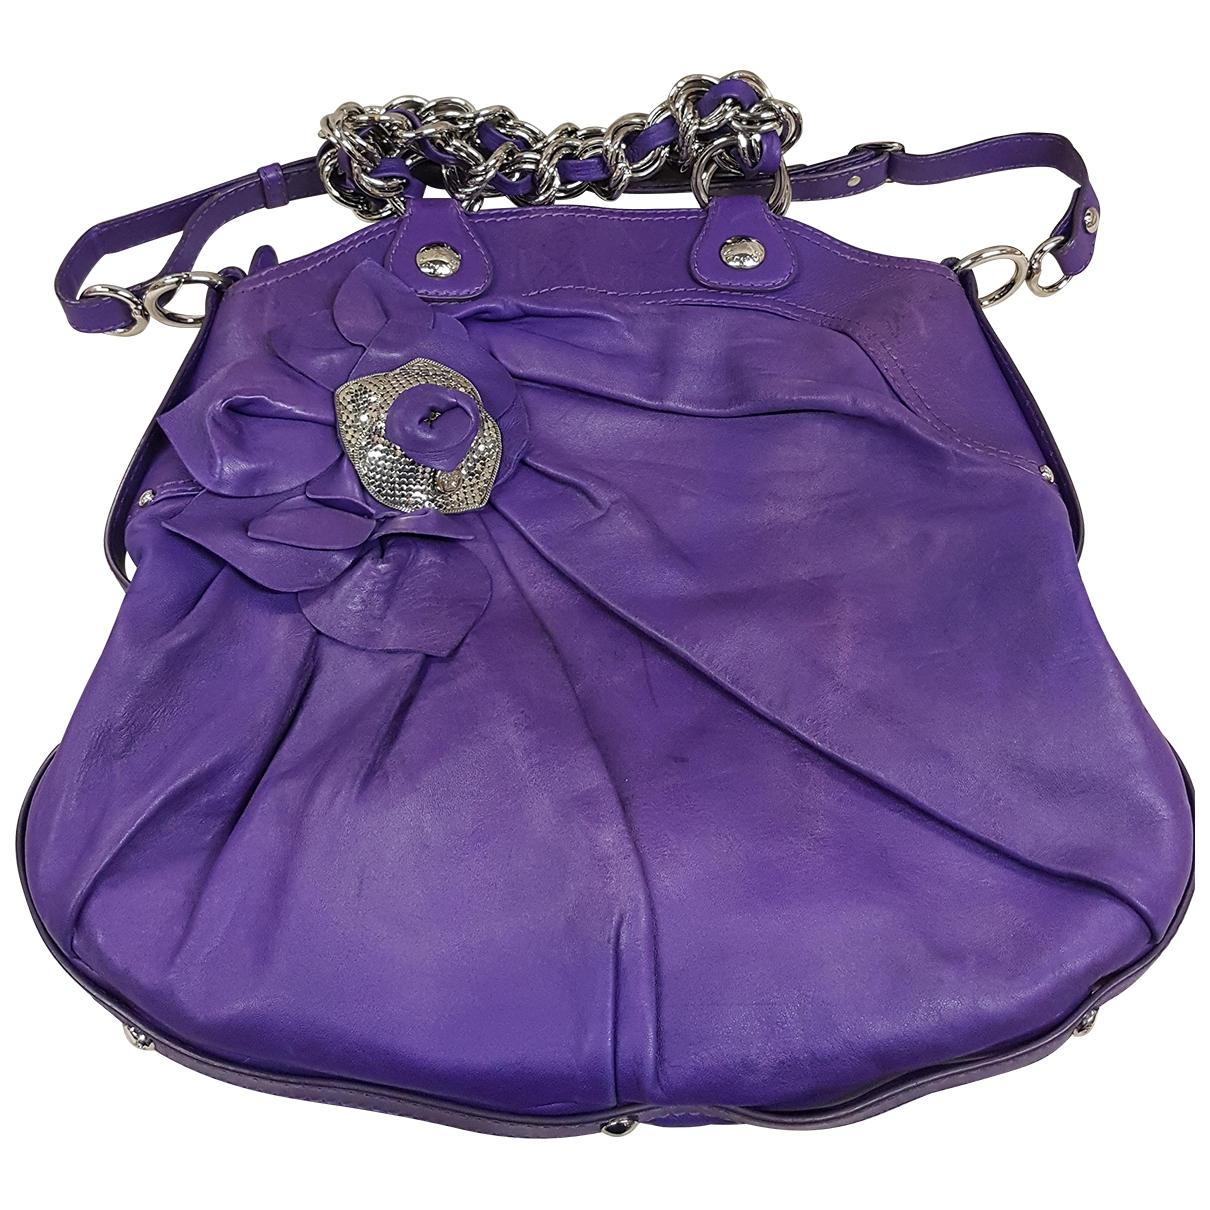 Versace - Sac a main   pour femme en cuir - violet